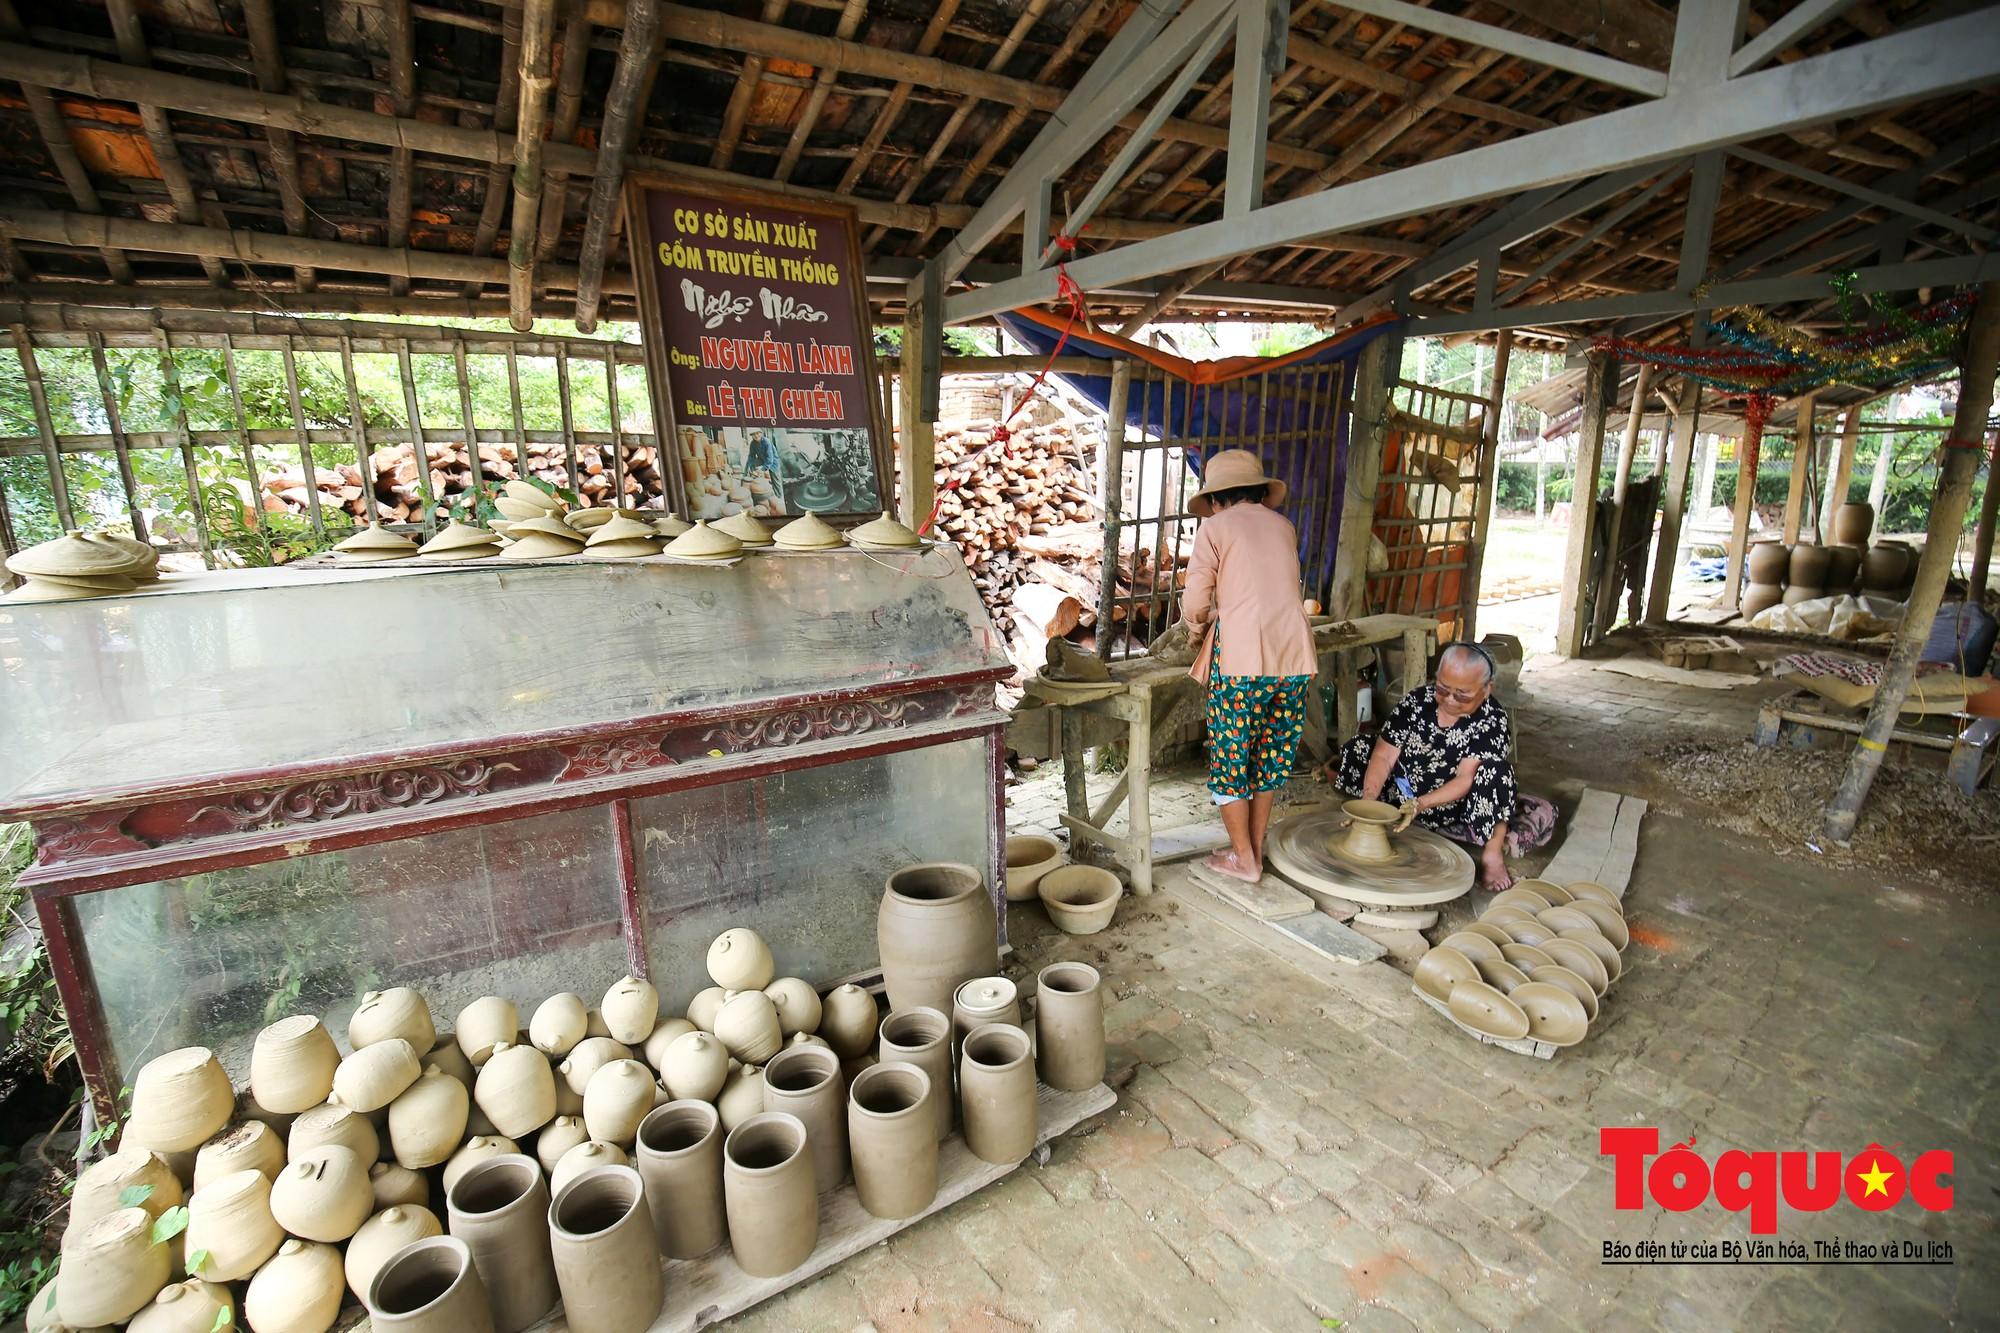 Vẻ đẹp trầm mặc của làng gốm gần nghìn năm tuổi bên dòng sông Thu Bồn4